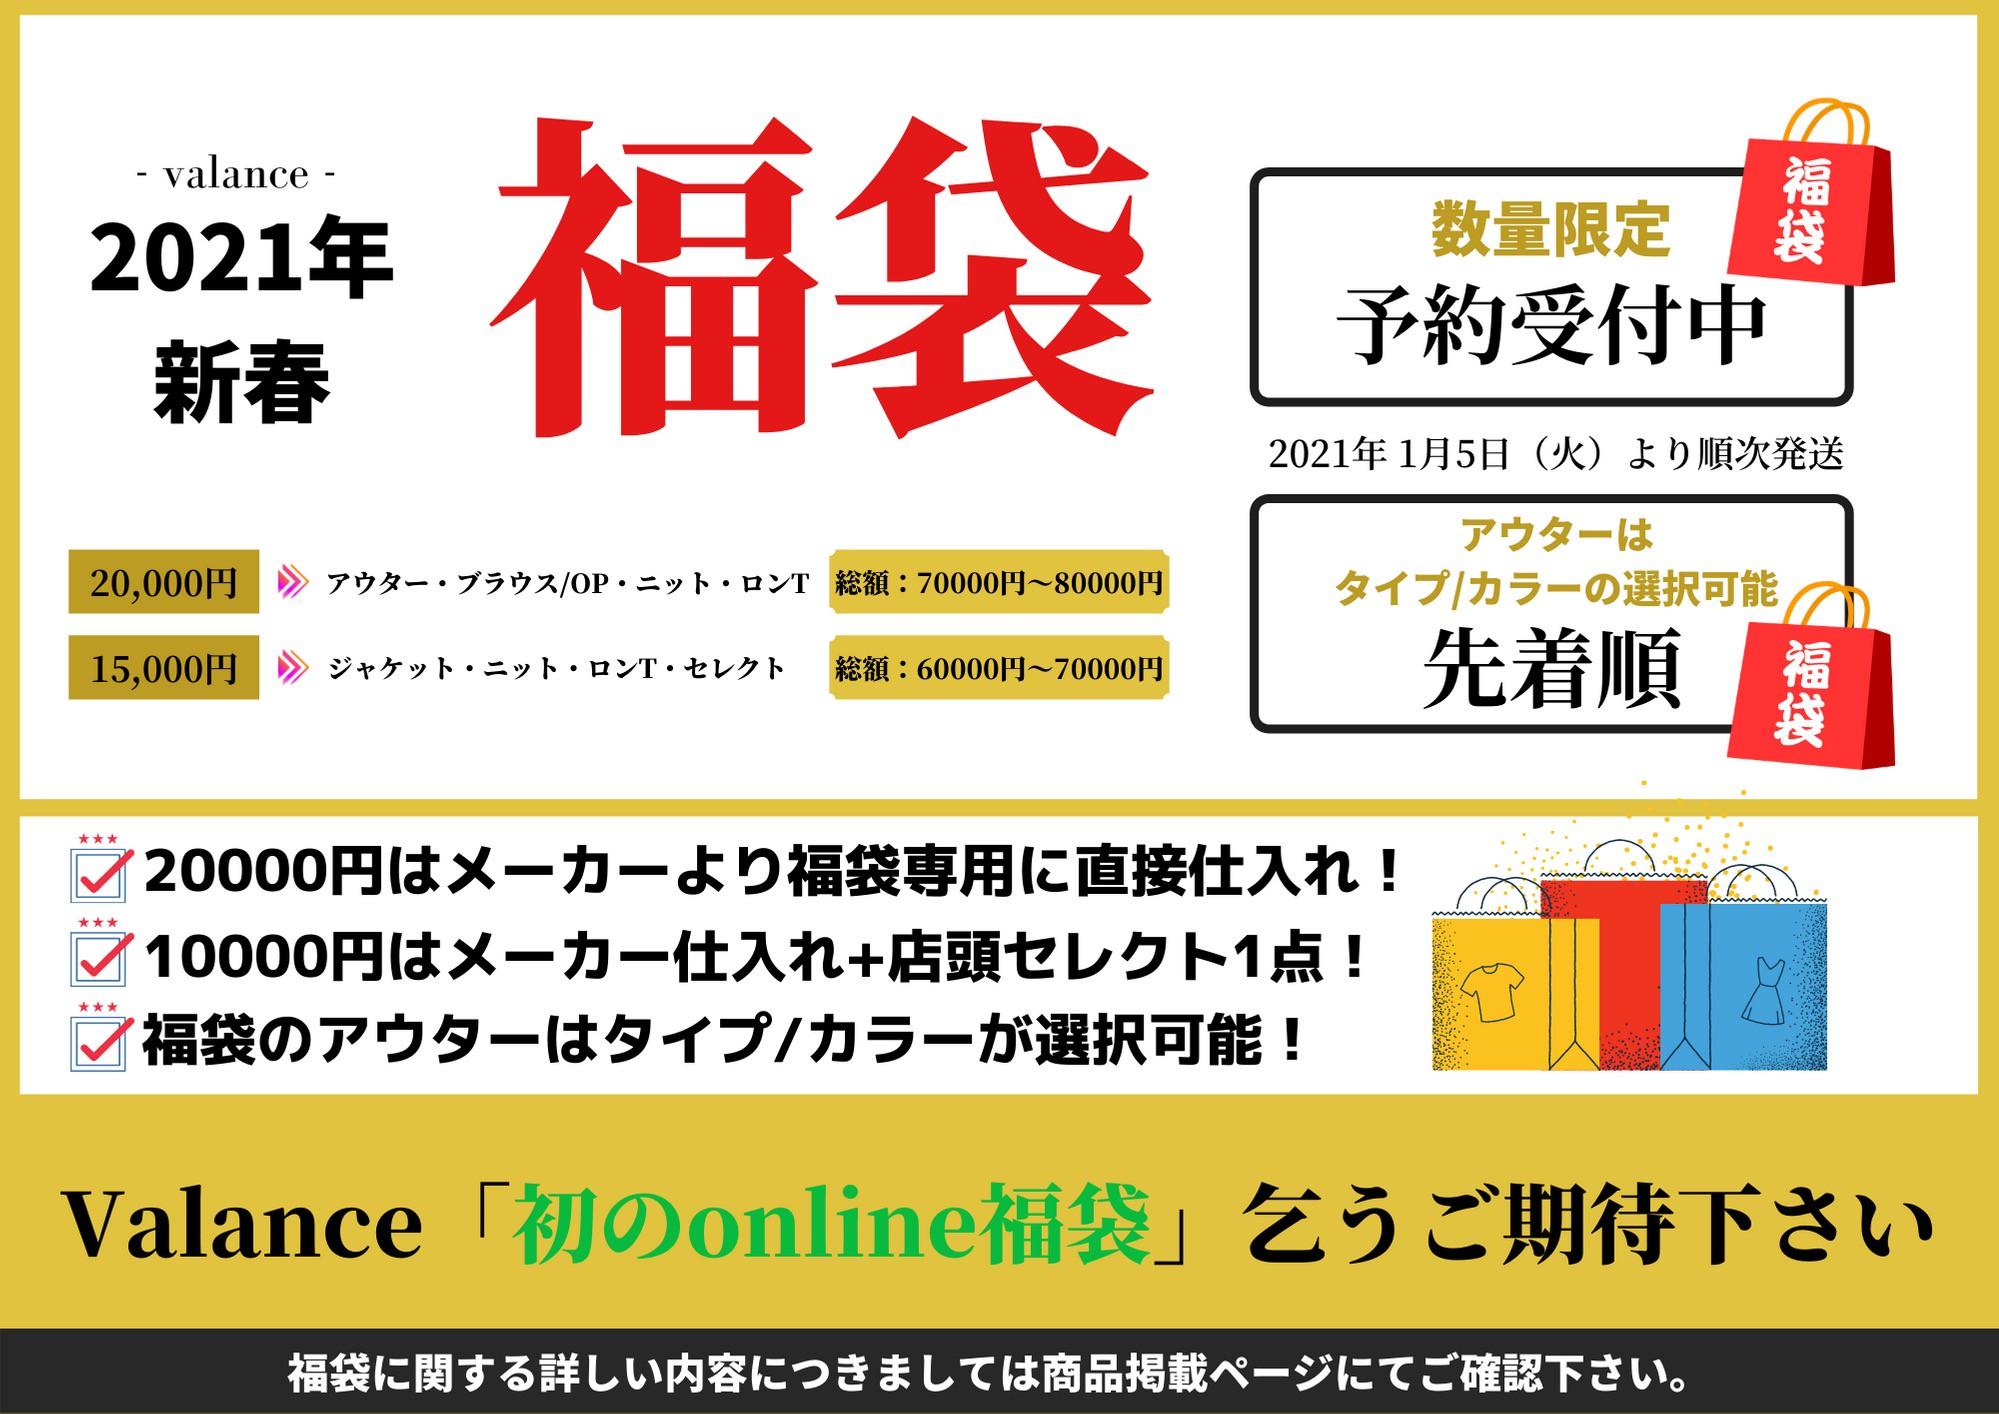 Valance 初のオンライン福袋2021 ②